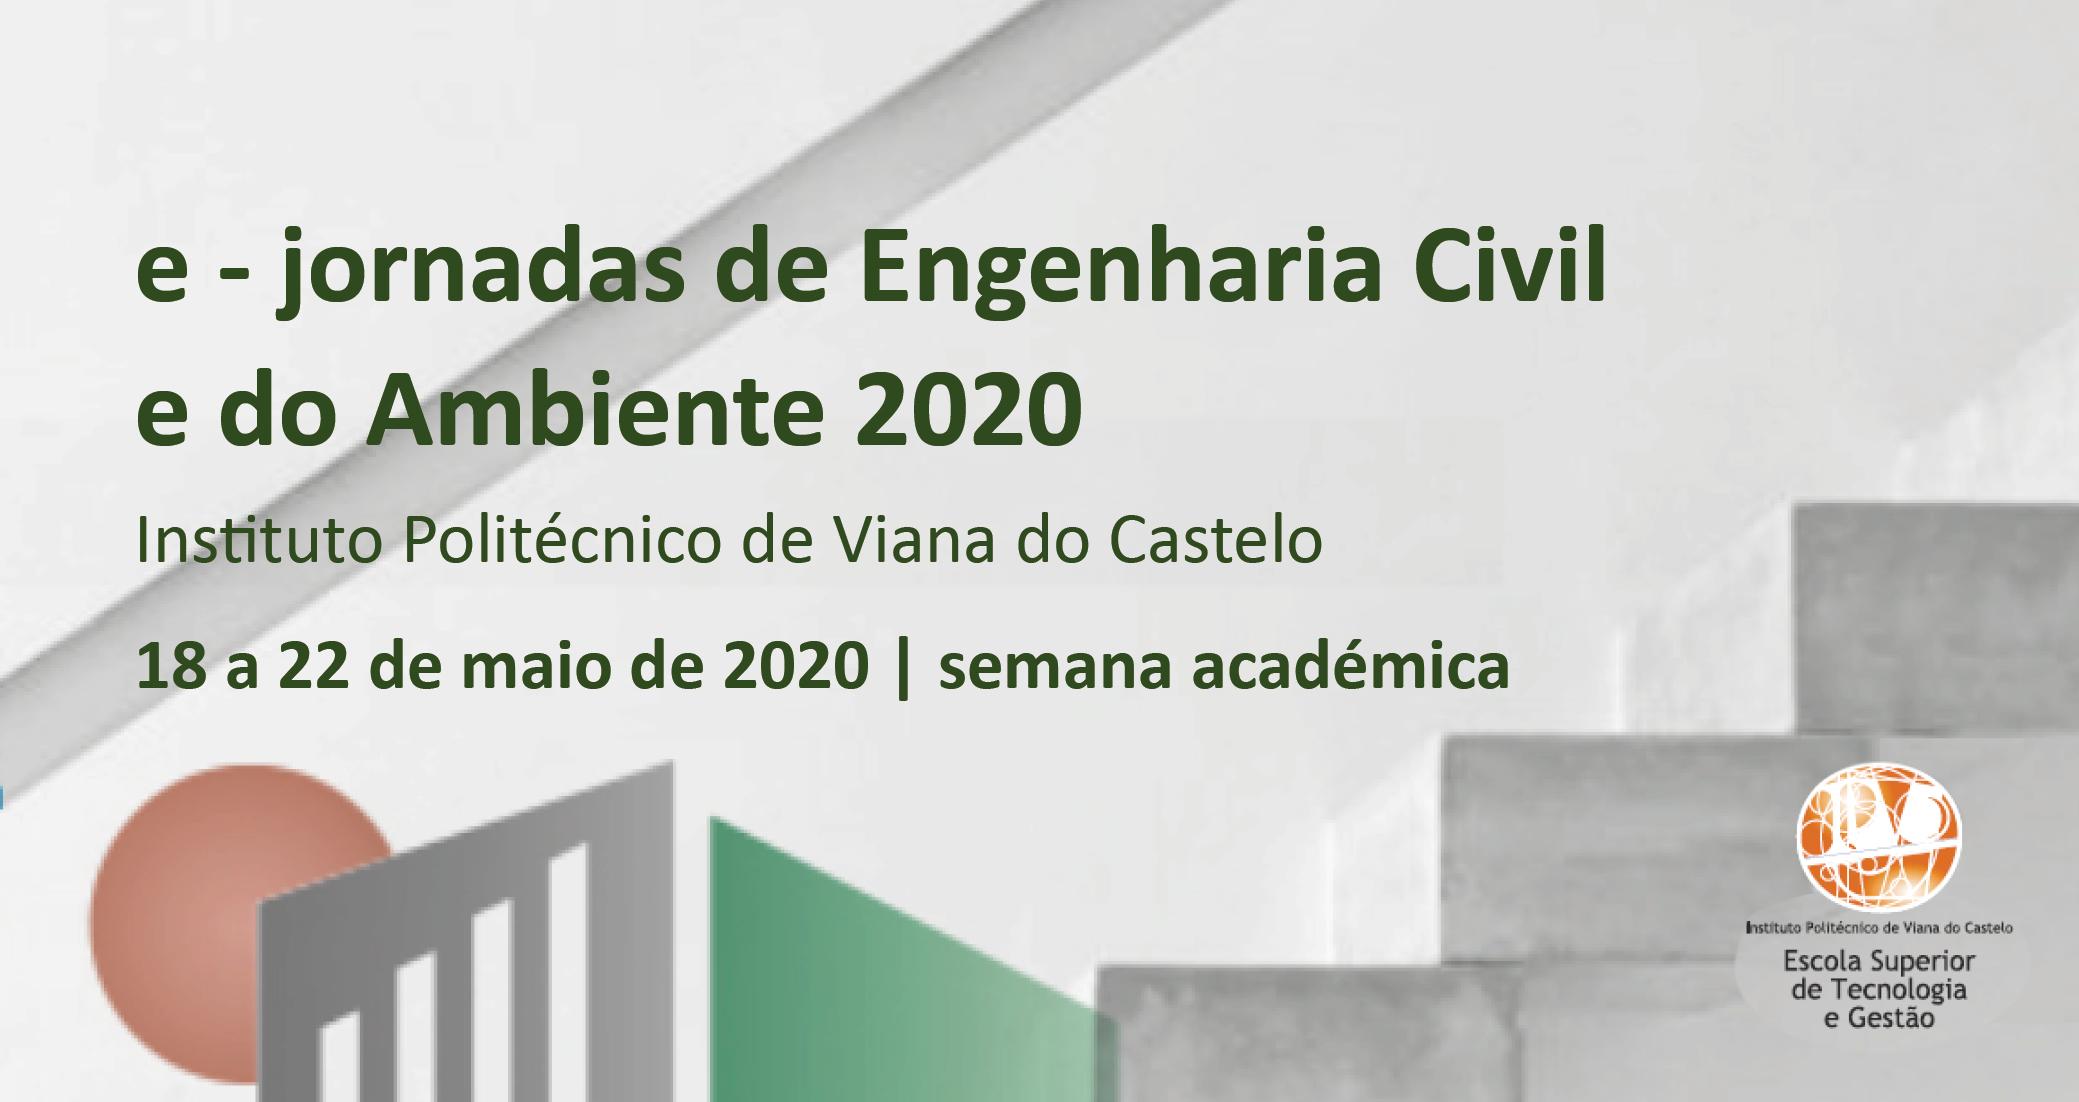 Plataforma Notícias Ordem Engenheiros Região Norte - e – jornadas de engenharia civil e do ambiente 2020